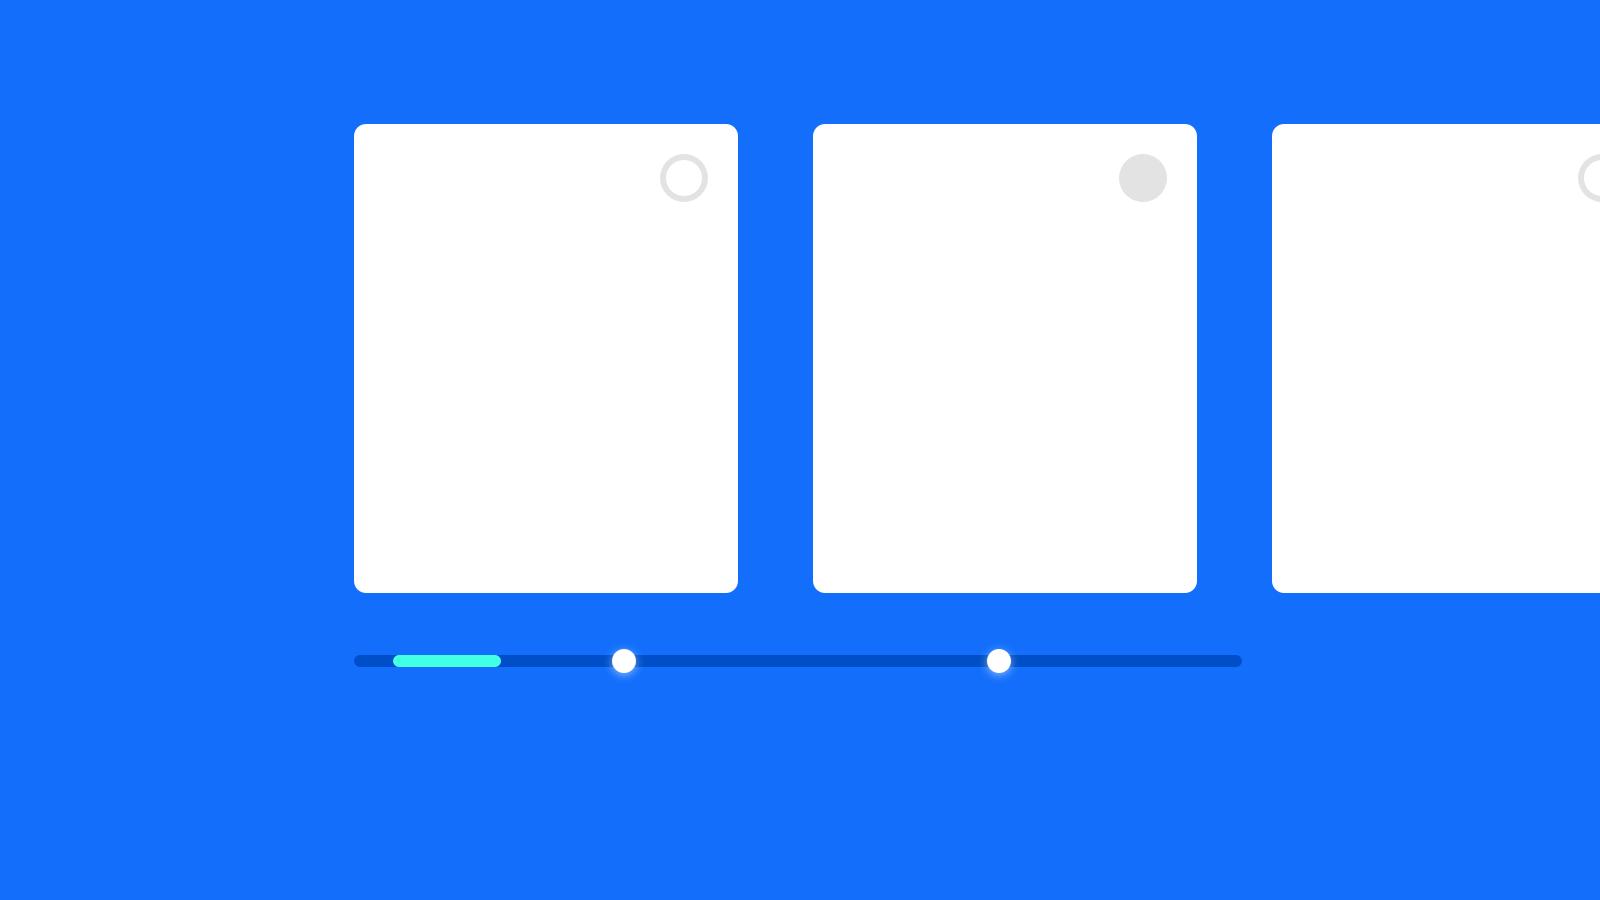 交互概念设计 – 隐藏式横向滚动标记条